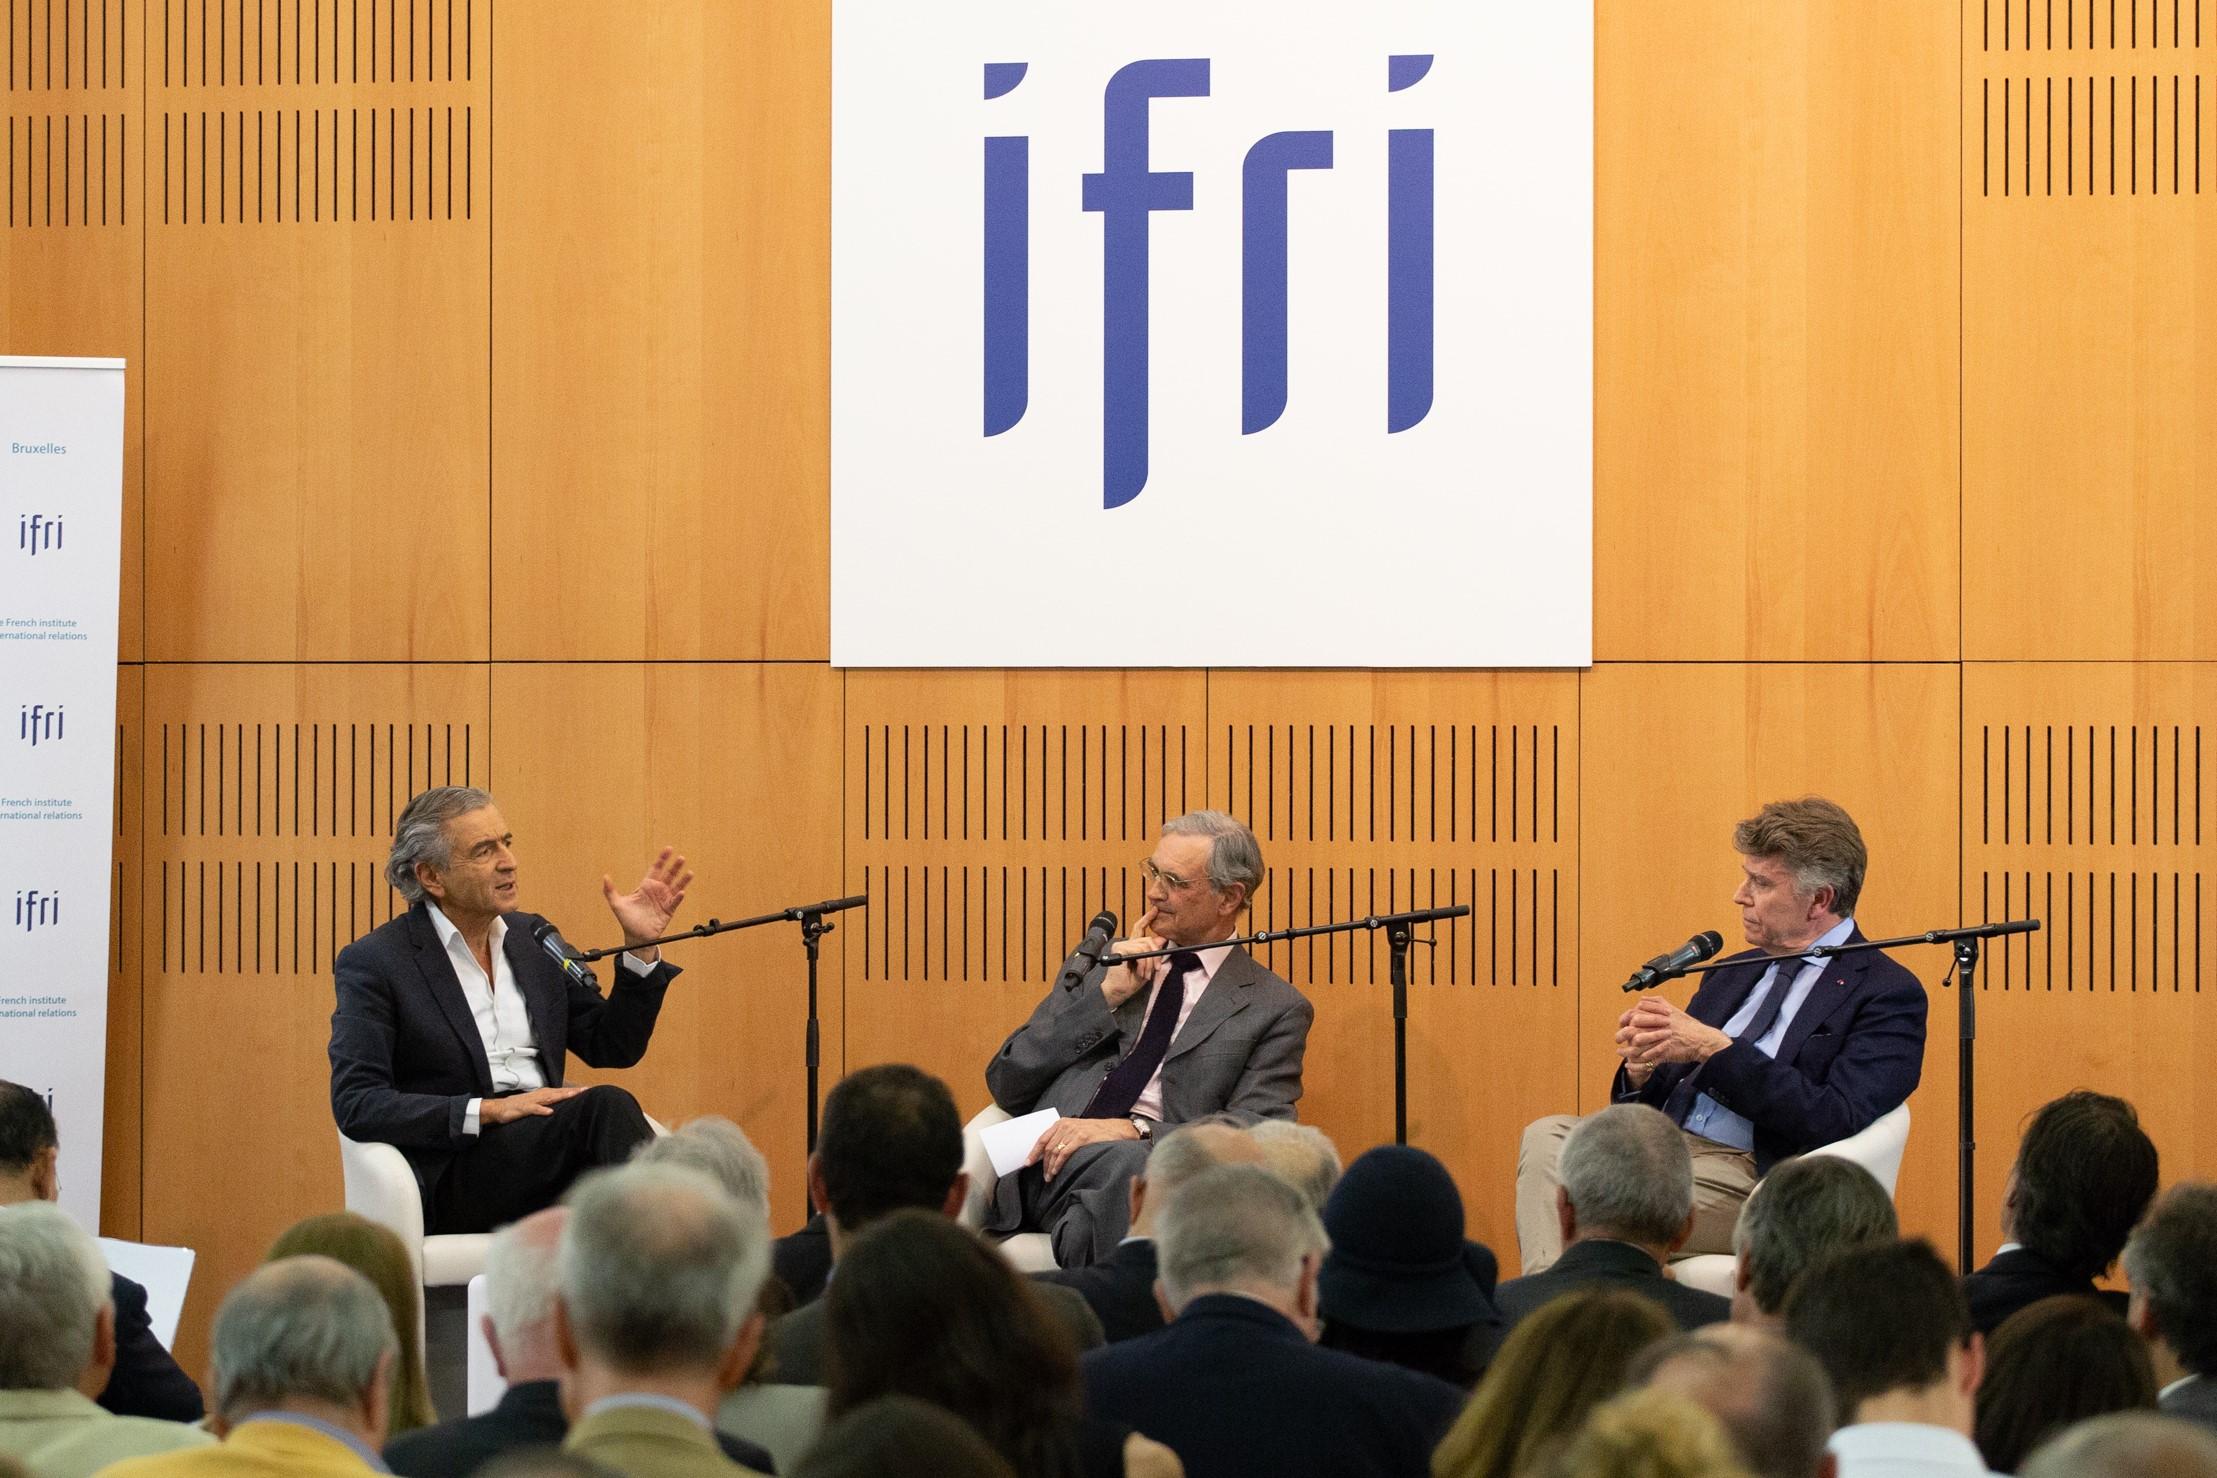 Conférence Débat entre Thierry de Montbrial et Bernard-Henry Lévy à l'Ifri le 29 mai 2018